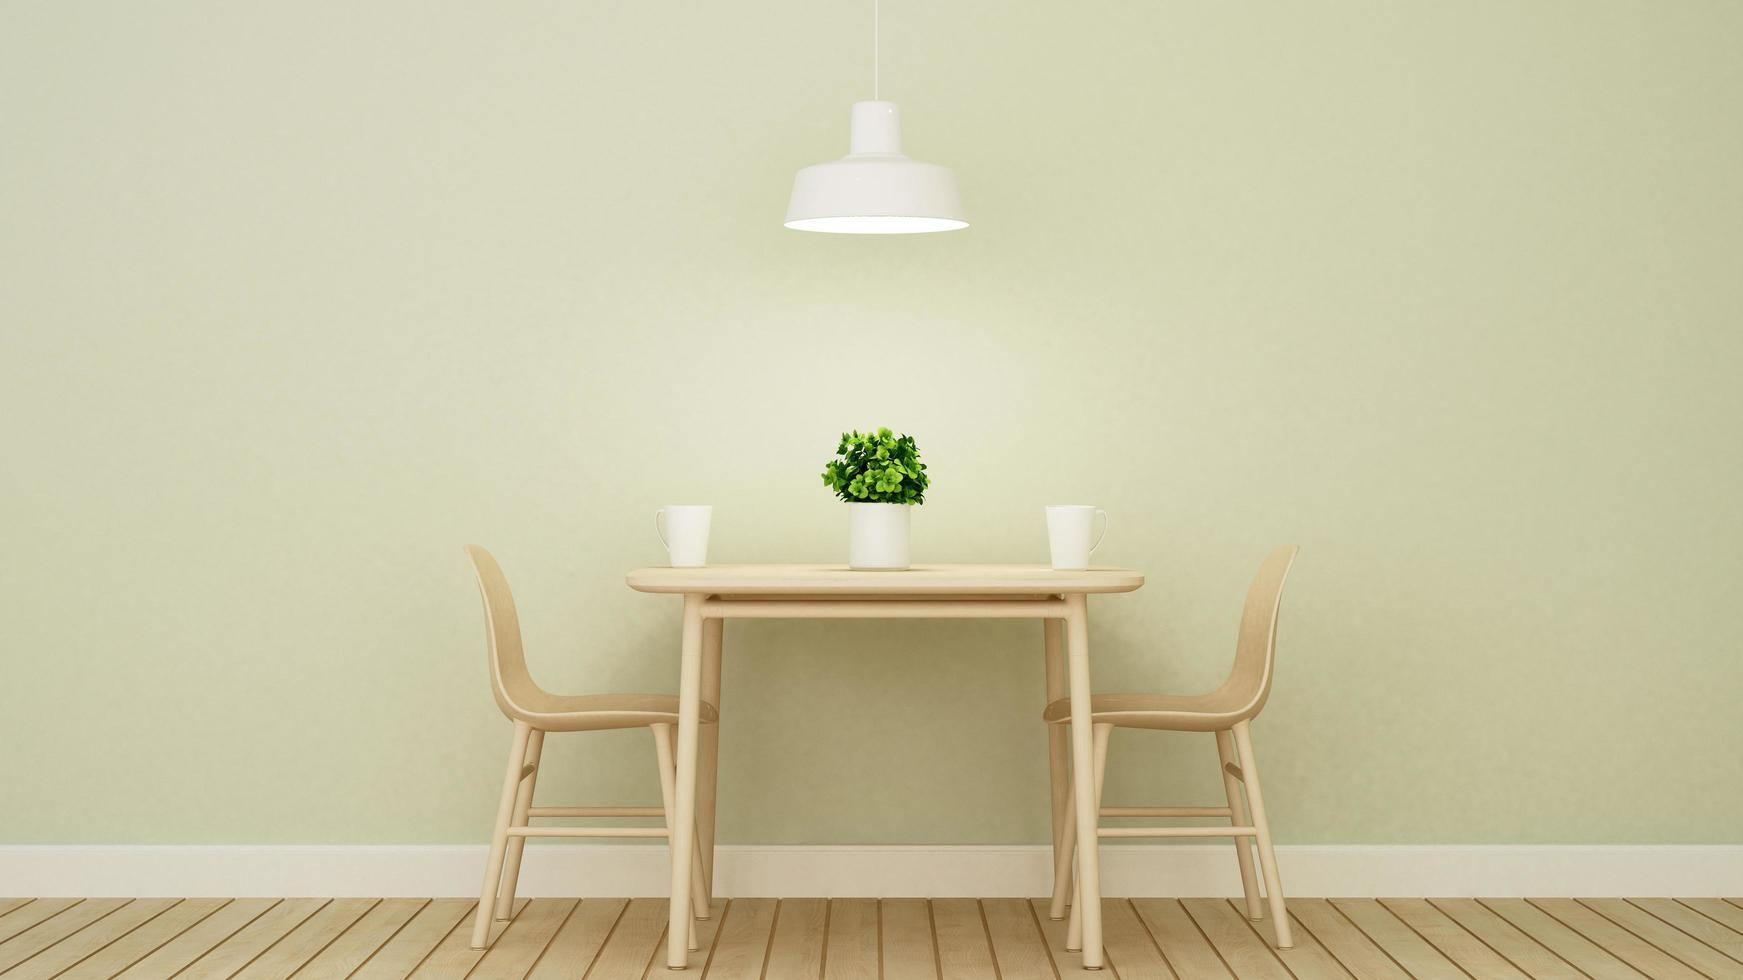 ristorante o caffetteria sul design della parete verde foto